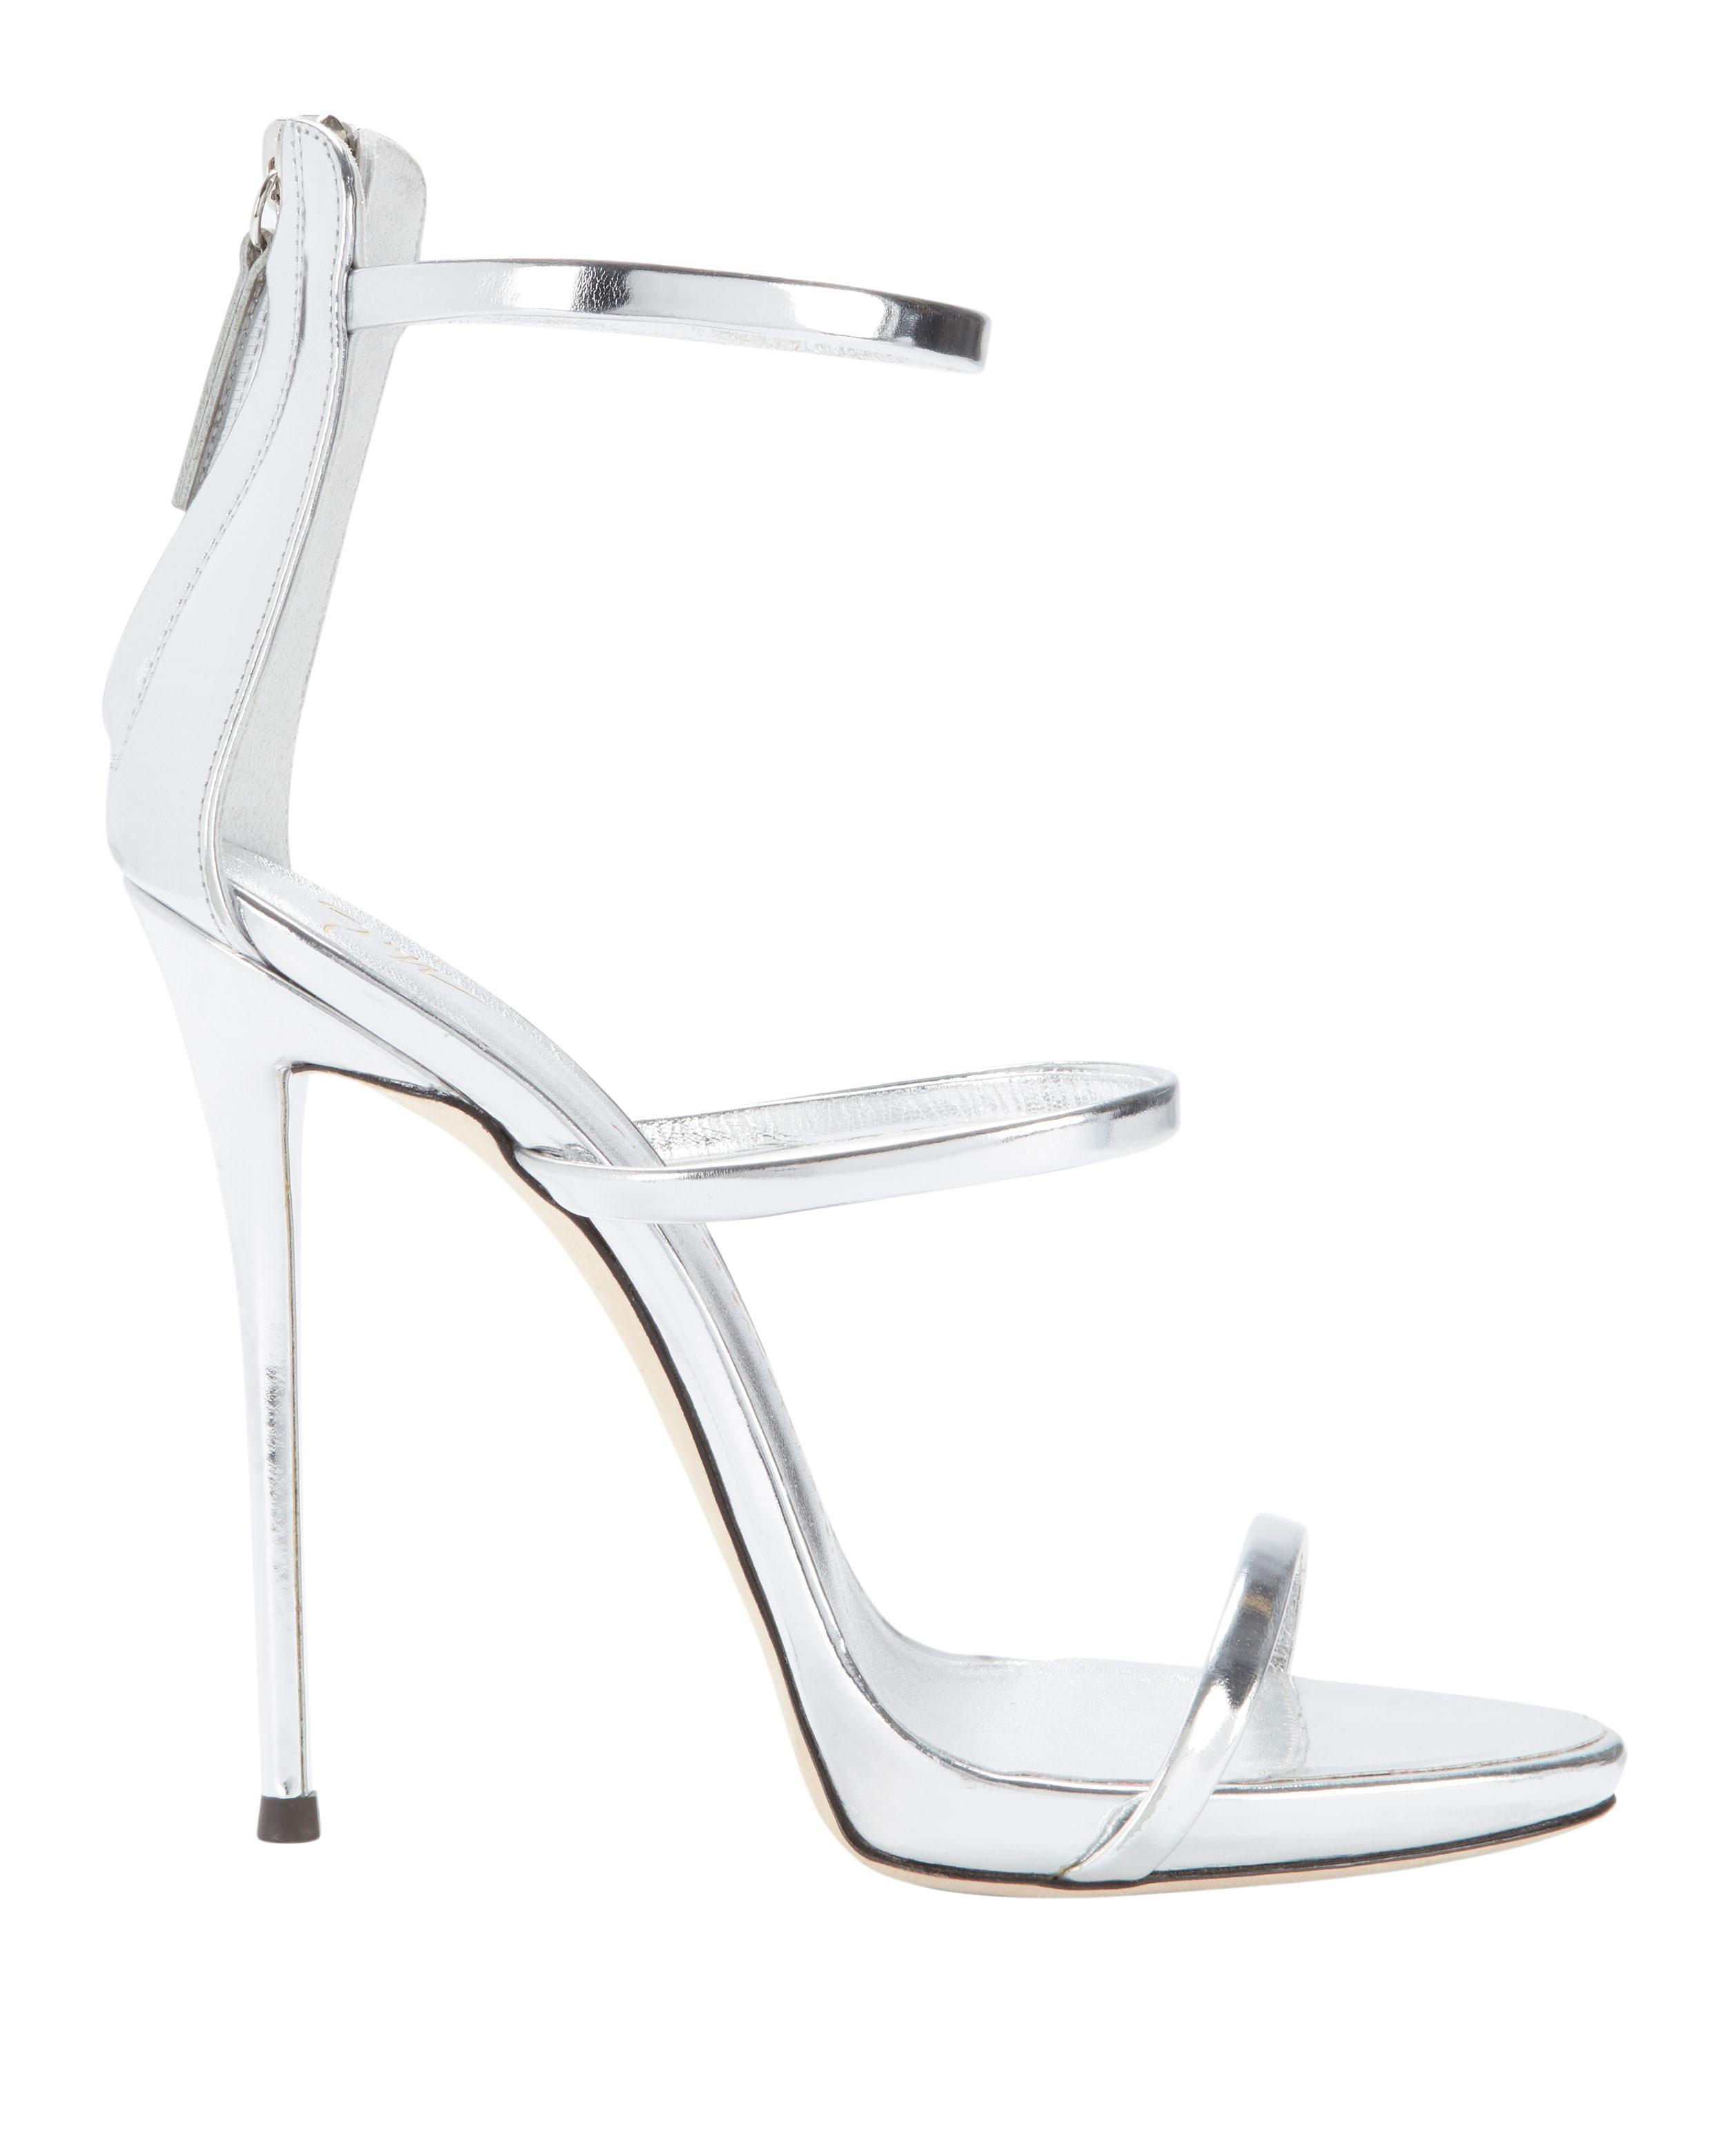 579101d0165 Lyst - Giuseppe Zanotti Coline Silver Strappy Sandals in Metallic ...